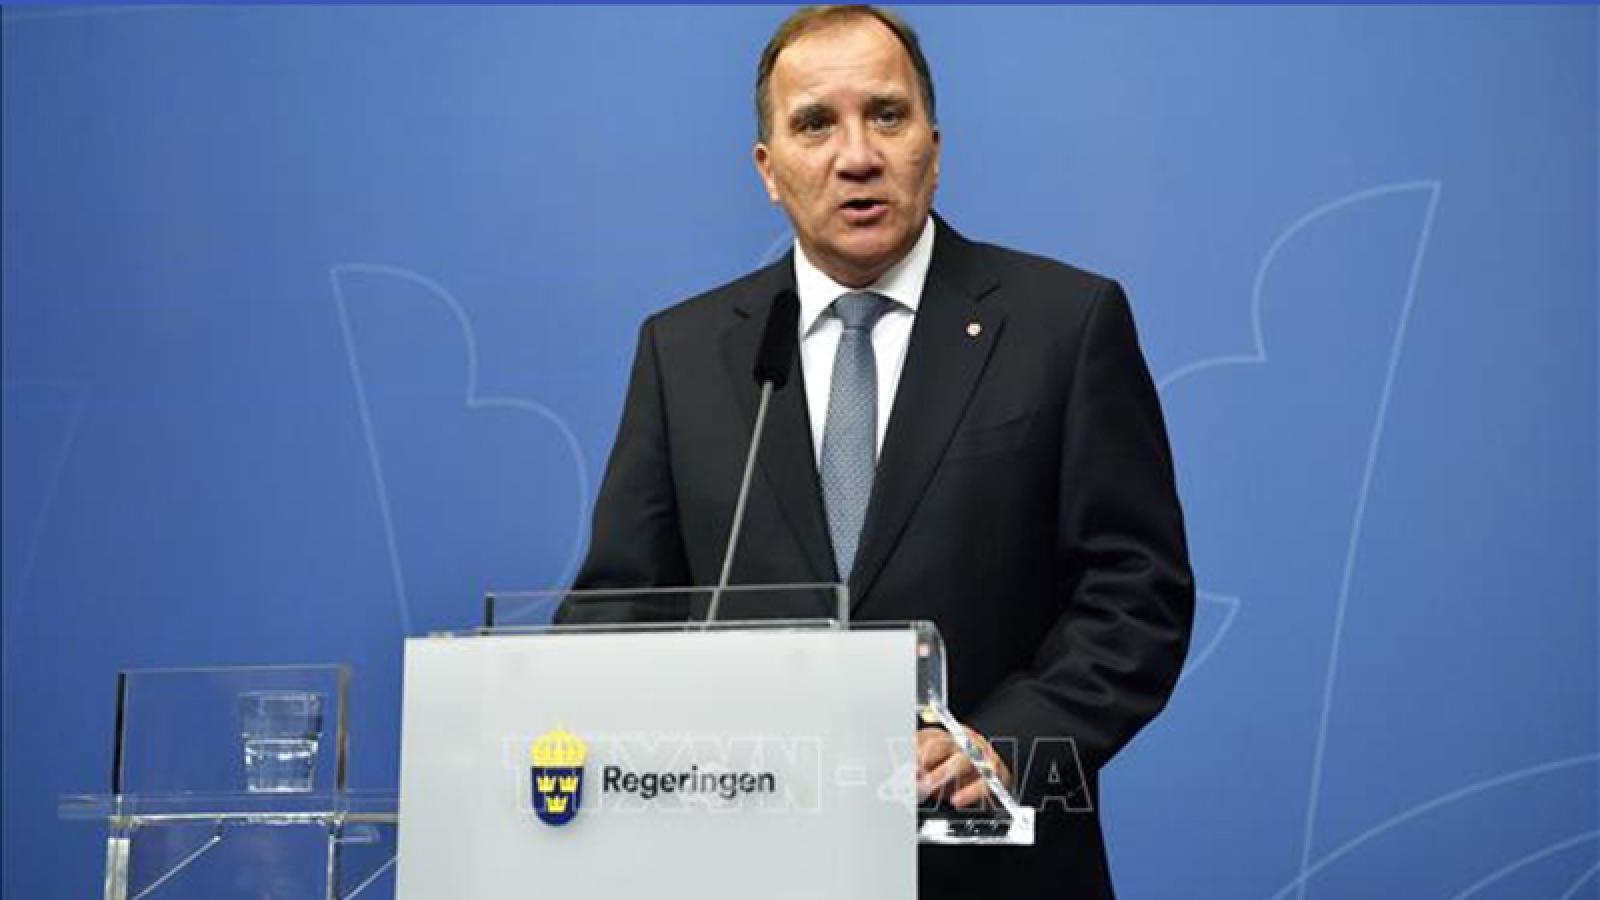 Thủ tướng Thụy Điển tự cách ly vì người thân tiếp xúc bệnh nhân Covid-19